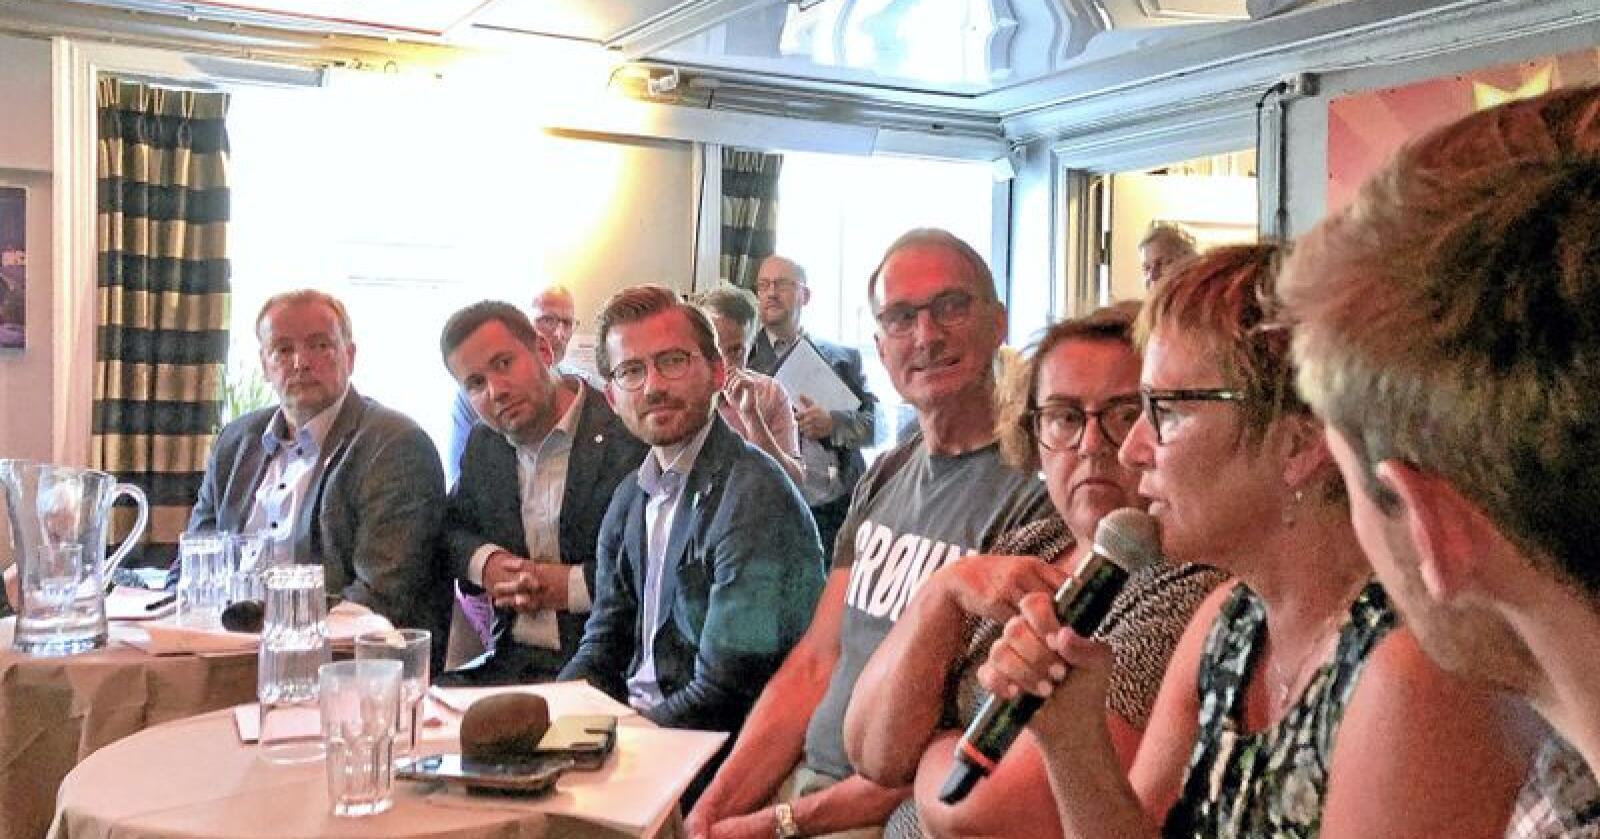 Politikarpanelet utveksla meiningar om kjøtforbruket i Noreg. Frå venstre: Terje Halleland (Frp), Geir Pollestad (Sp), Sveinung Rotevatn (V), Harald Moskvil (MDG), Olaug Bollestad (KrF), Margunn Ebbesen (H) og Nils Kristen Sandtrøen (Ap). Foto: Line Omland Eilevstjønn